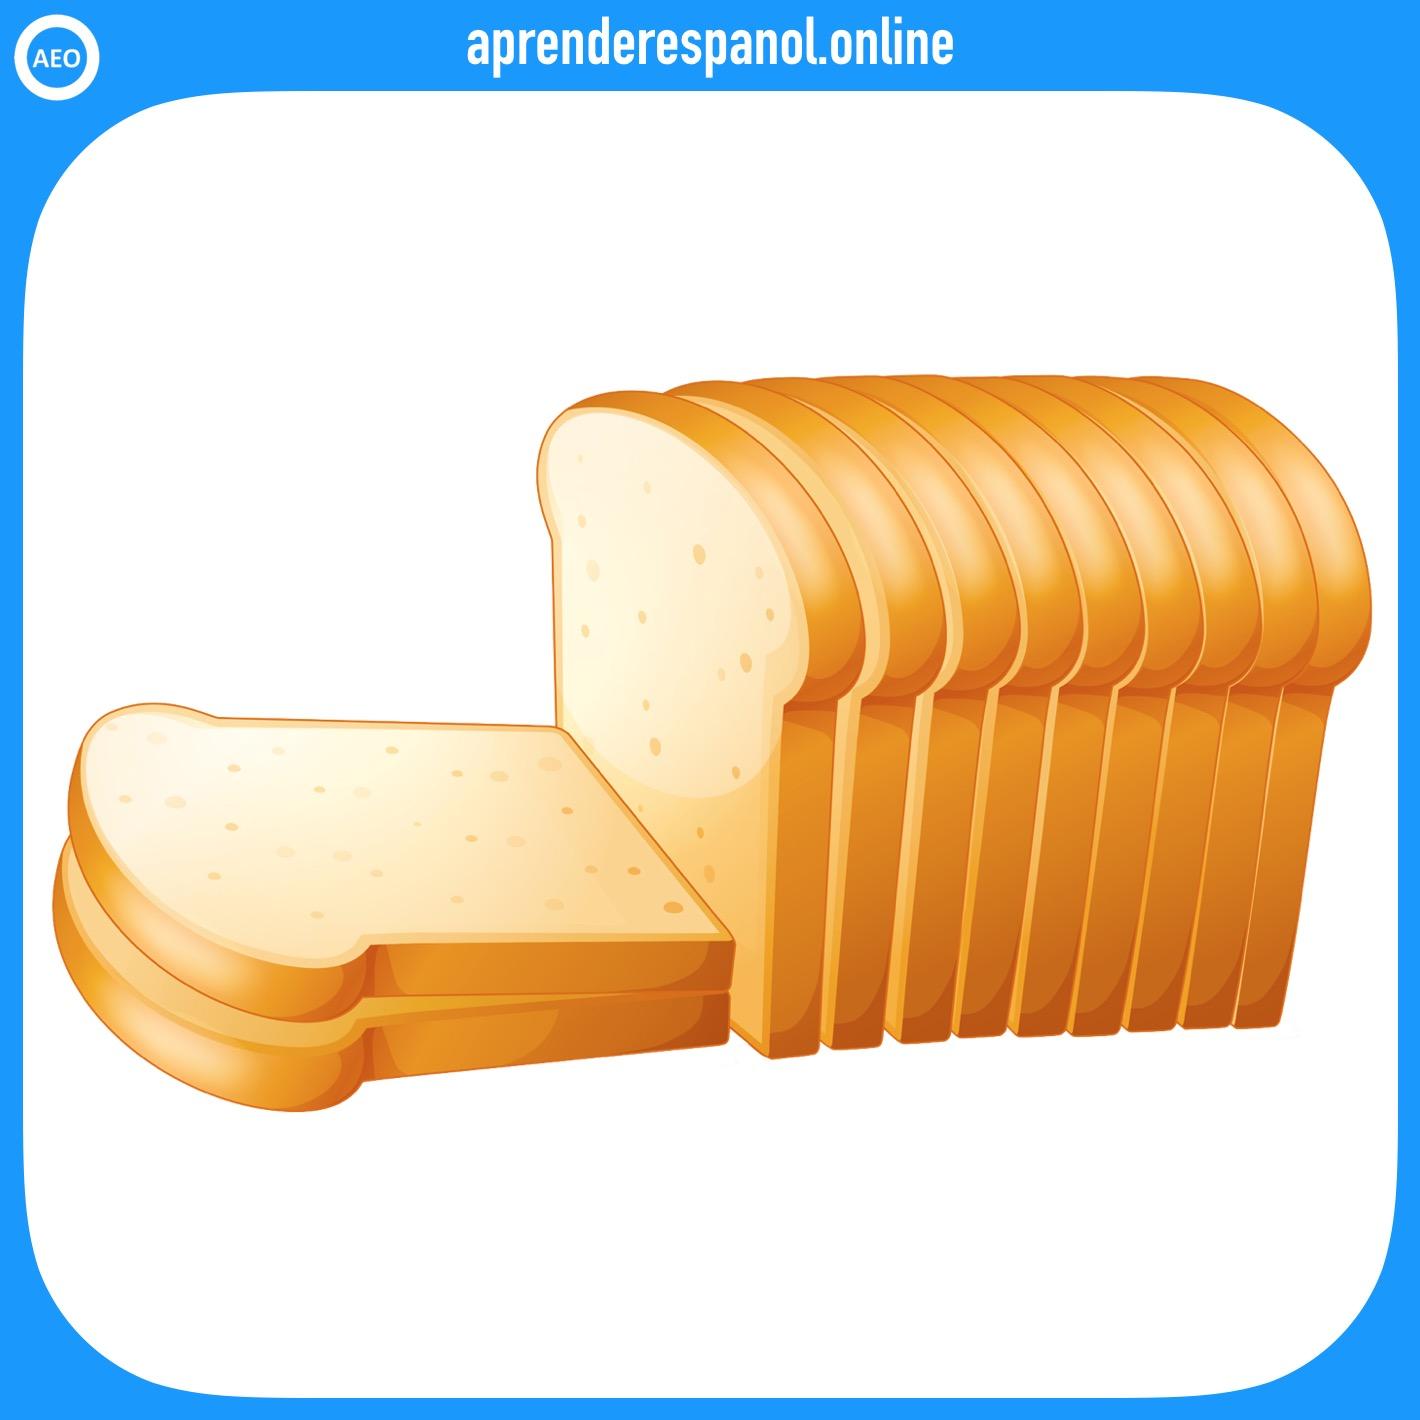 pan de molde   alimentos en español   vocabulario de los alimentos en español